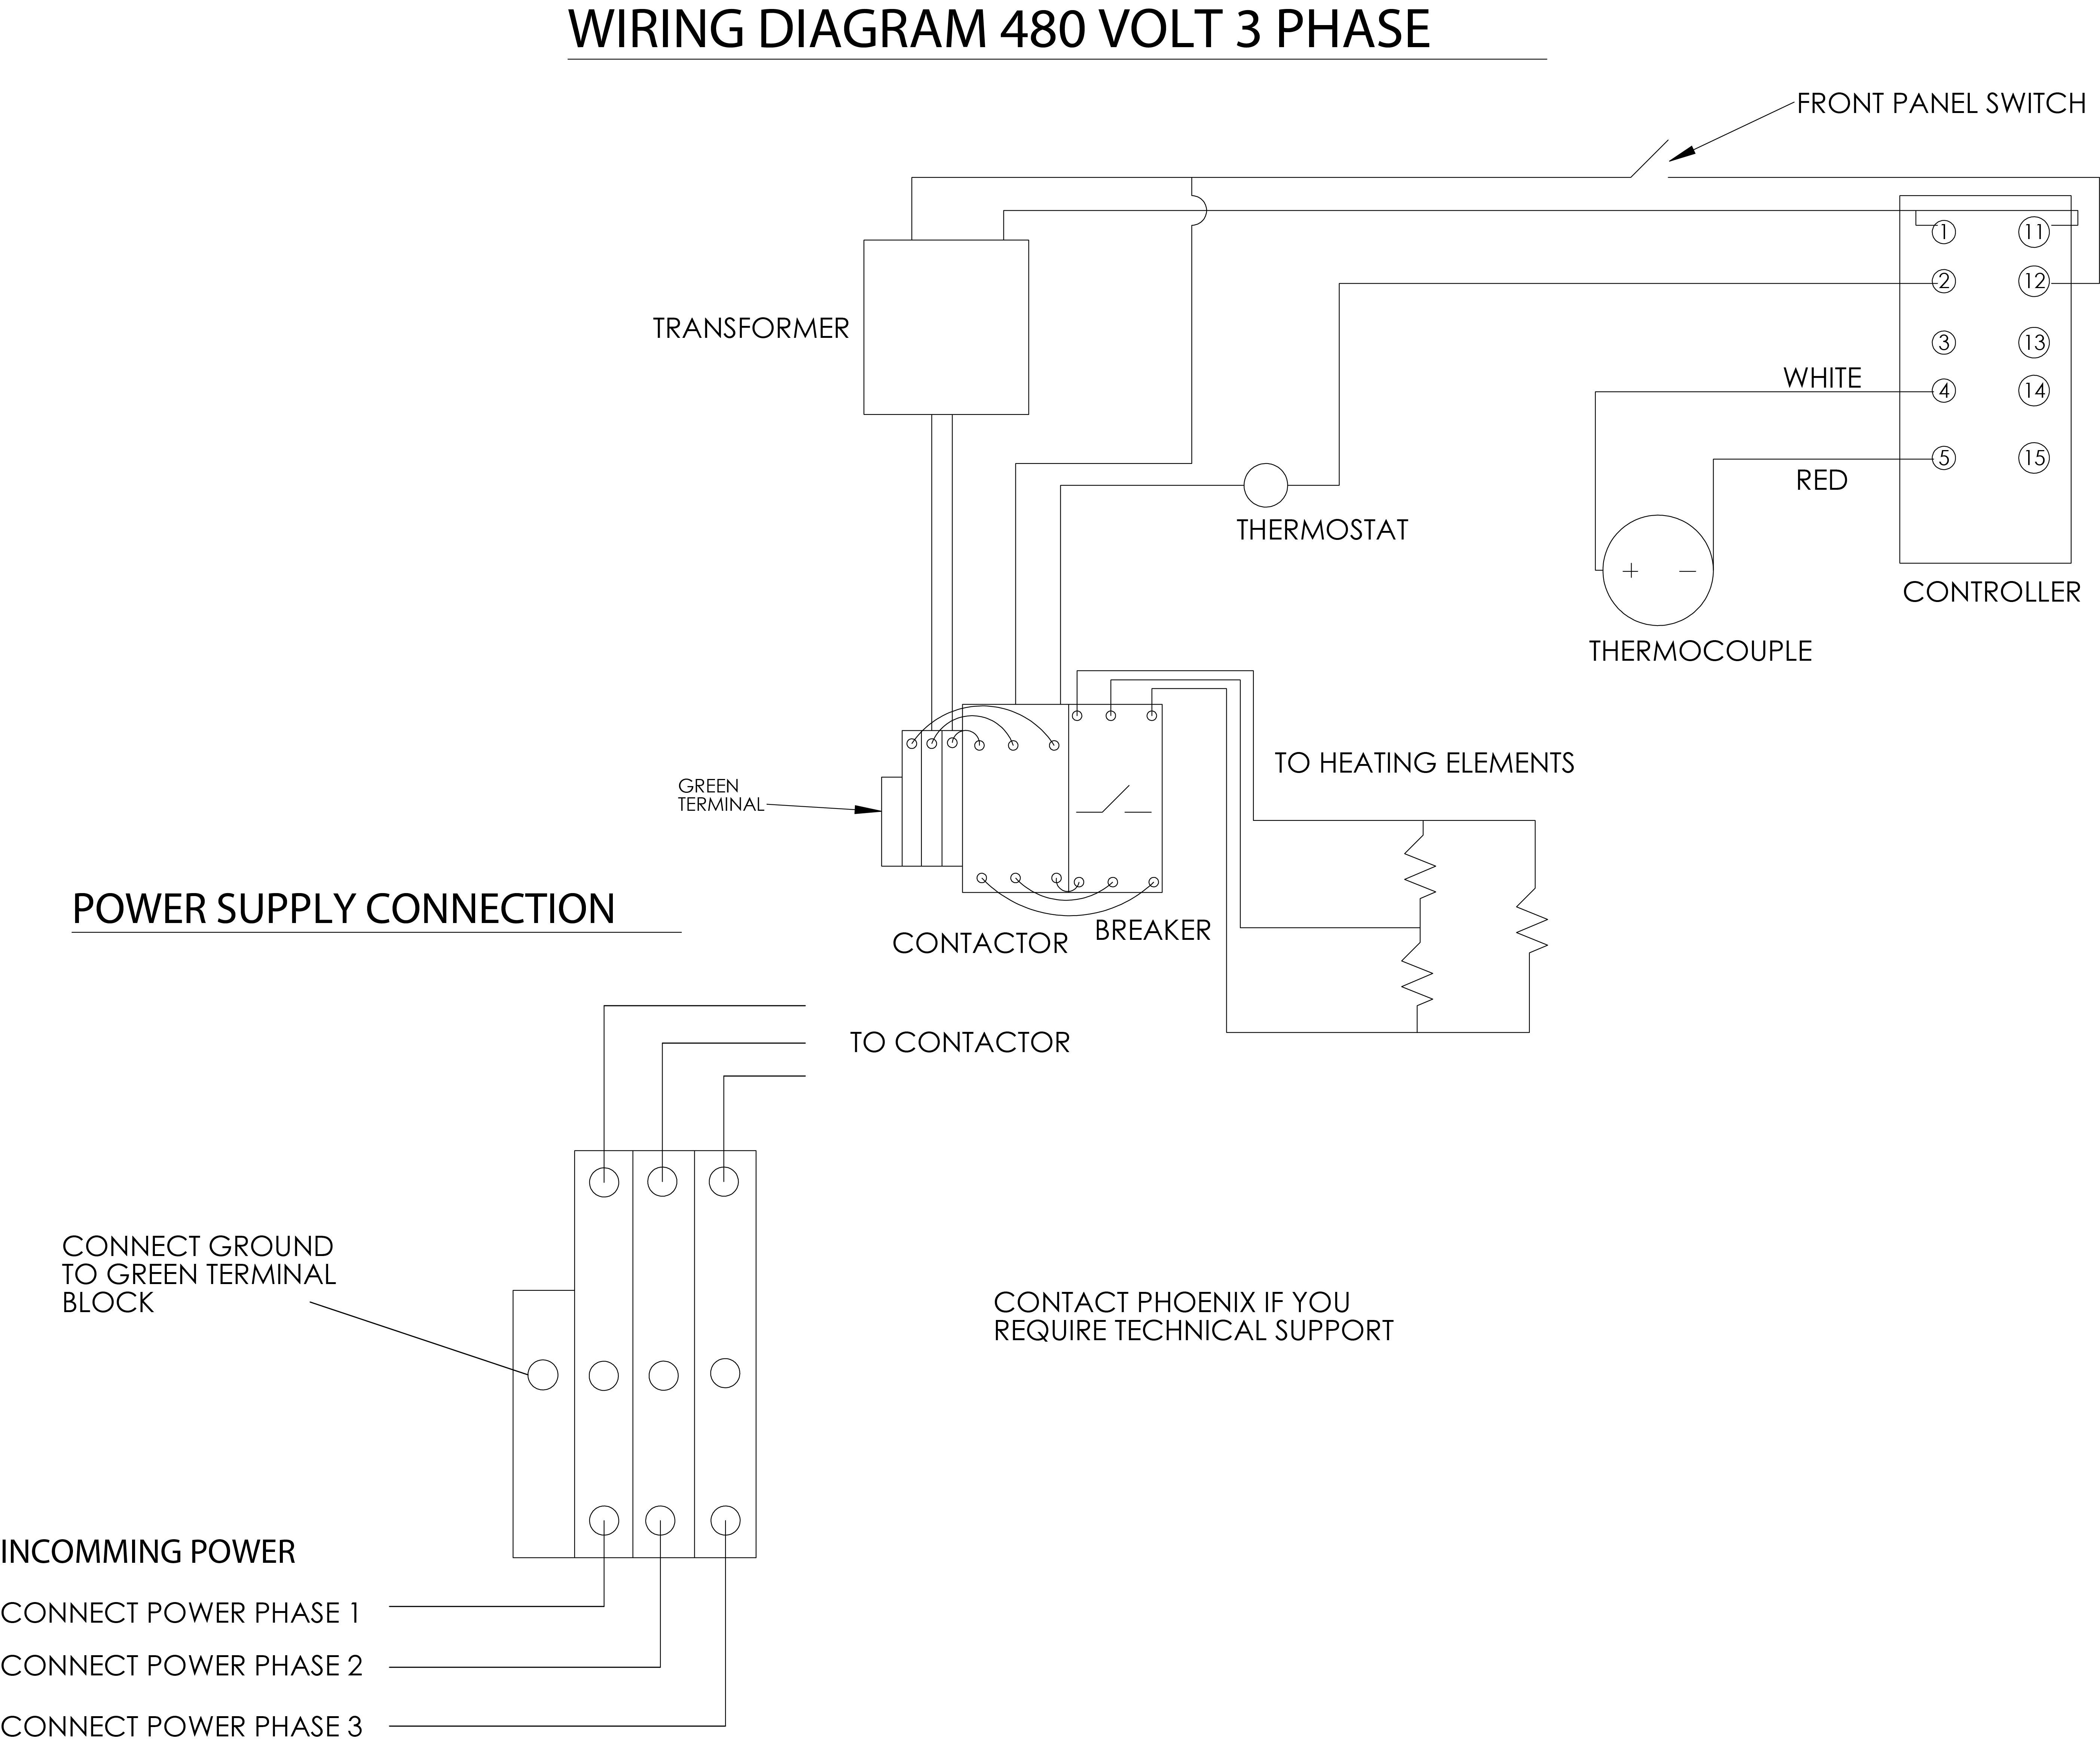 480v And 240v 3 Phase Wiring Diagram